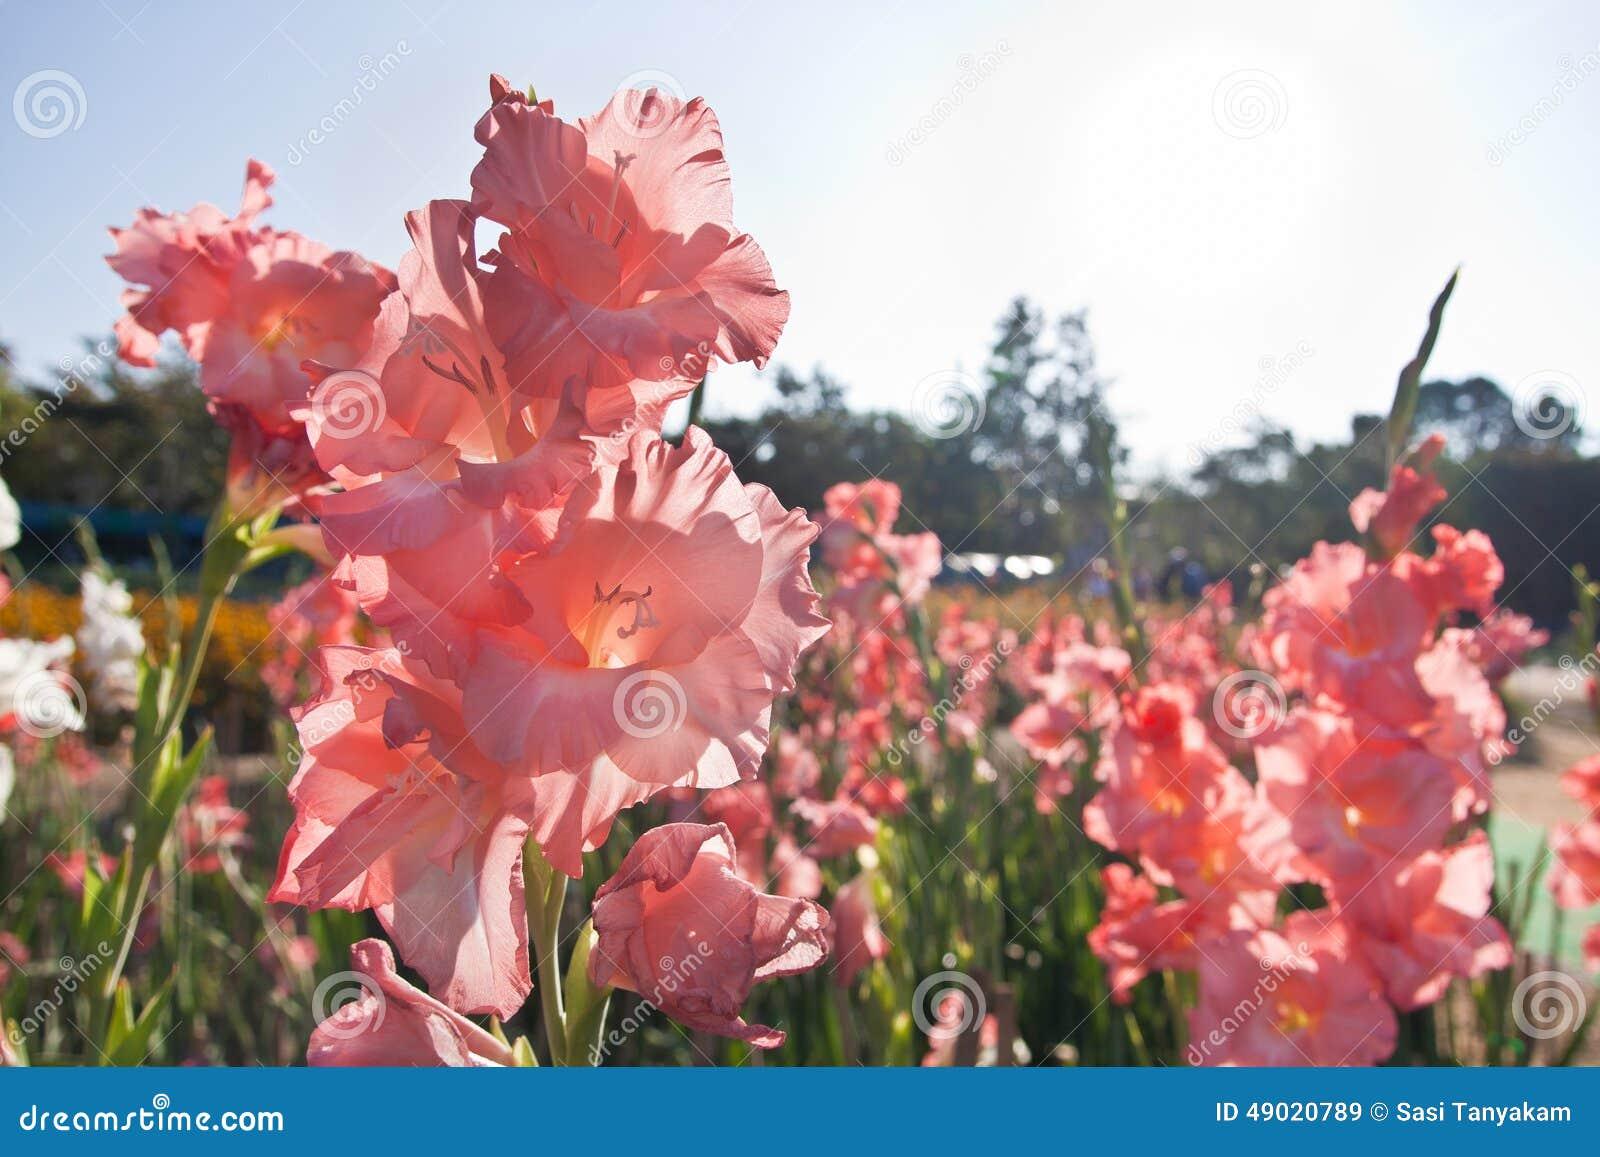 Fleurs de canna dans le jardin for Fleurs dans le jardin